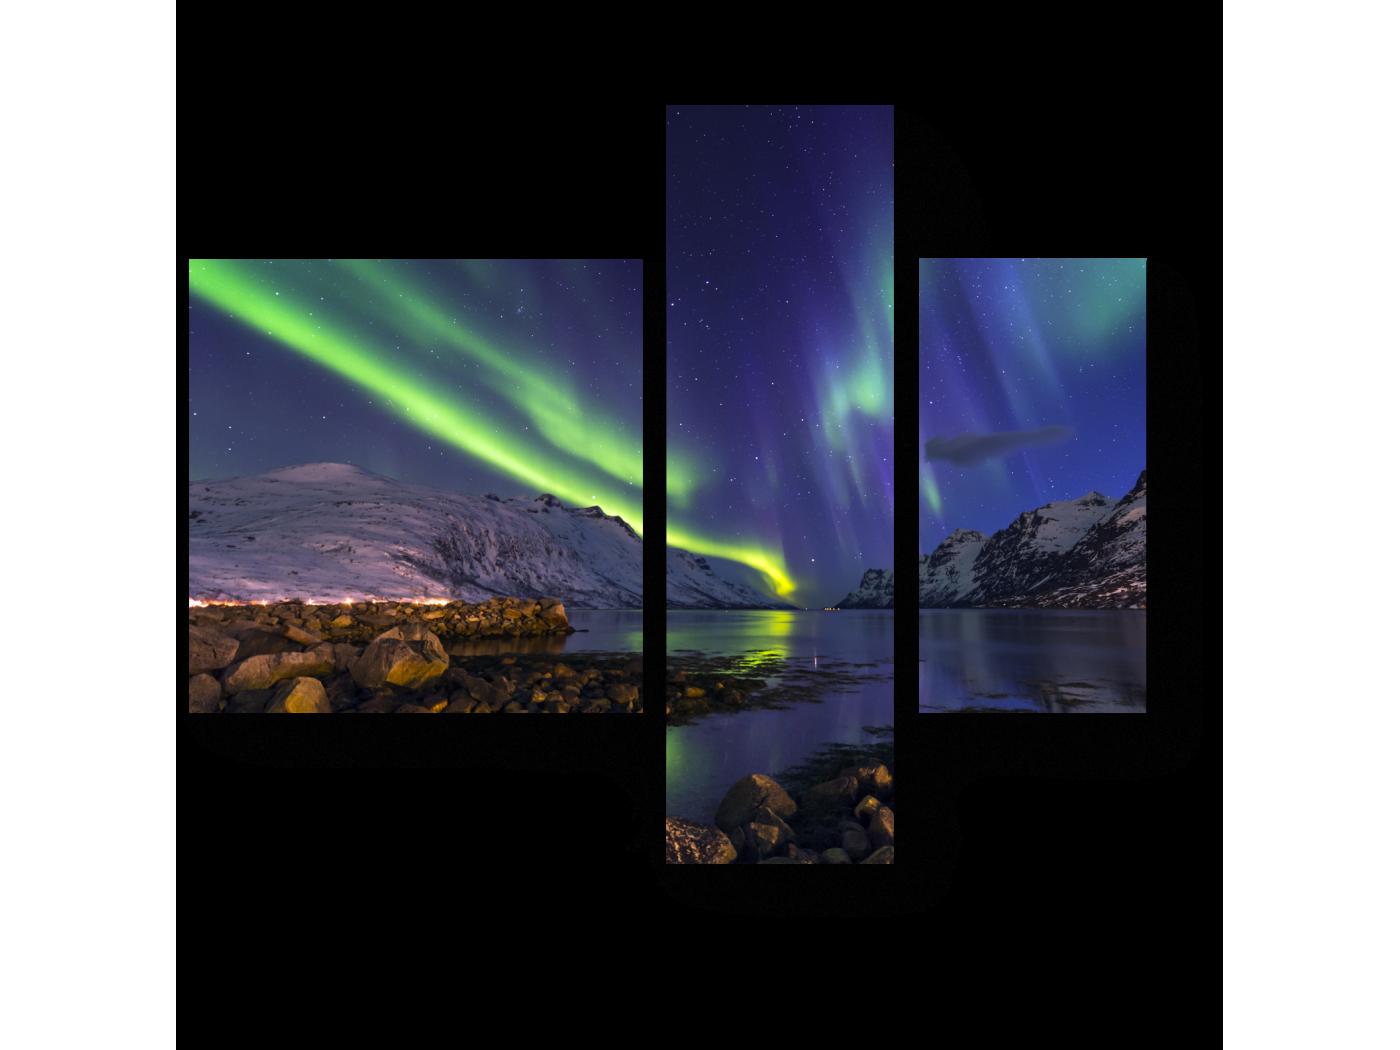 Модульная картина Ночное северное сияние (80x66) фото